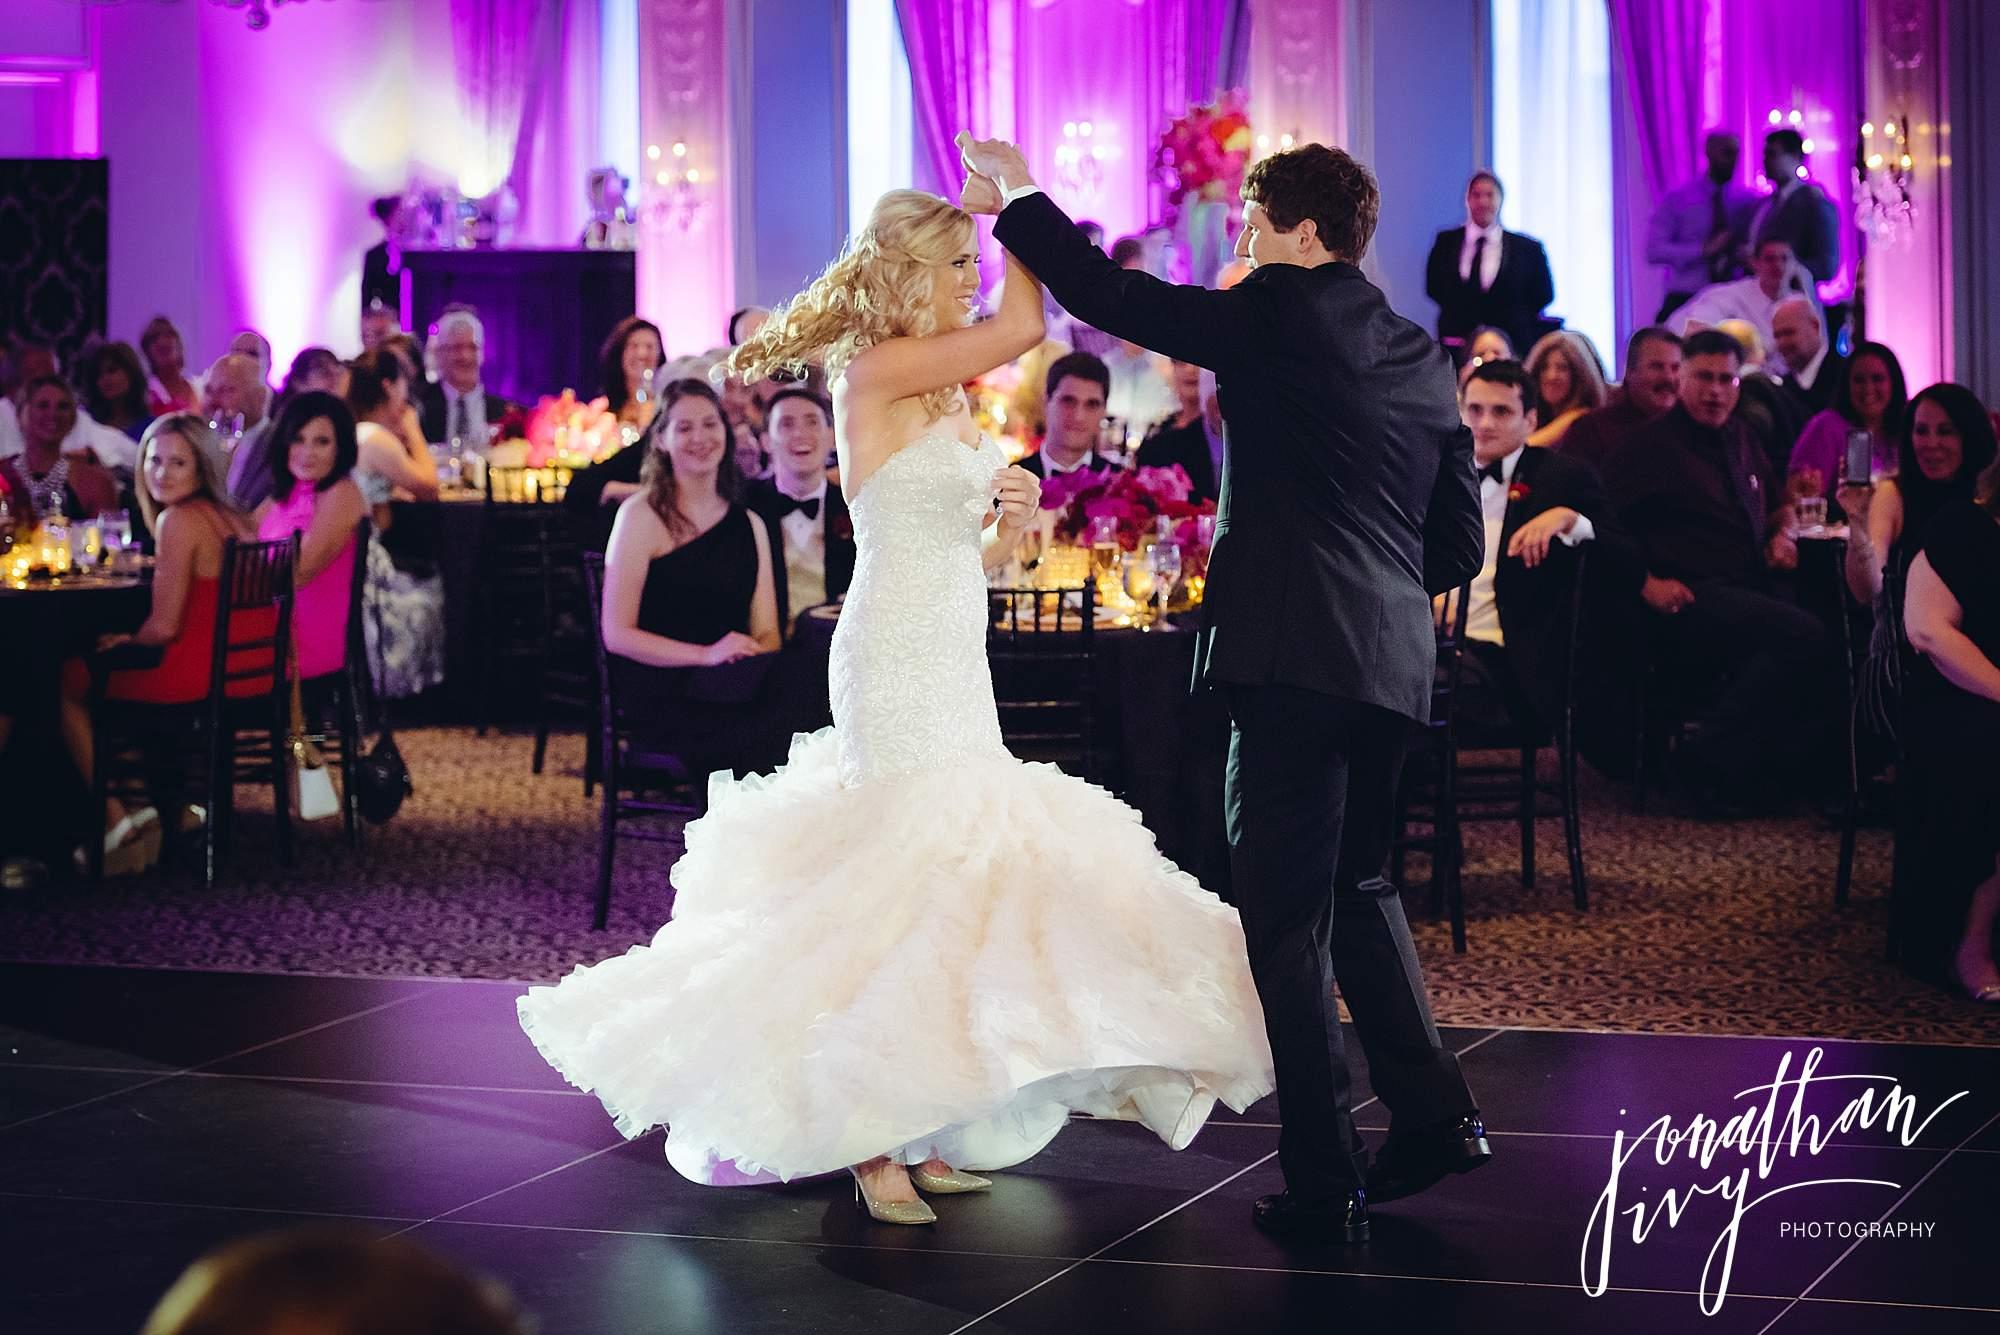 Hotel-Zaza-Houston-Wedding-Reception-0041.jpg